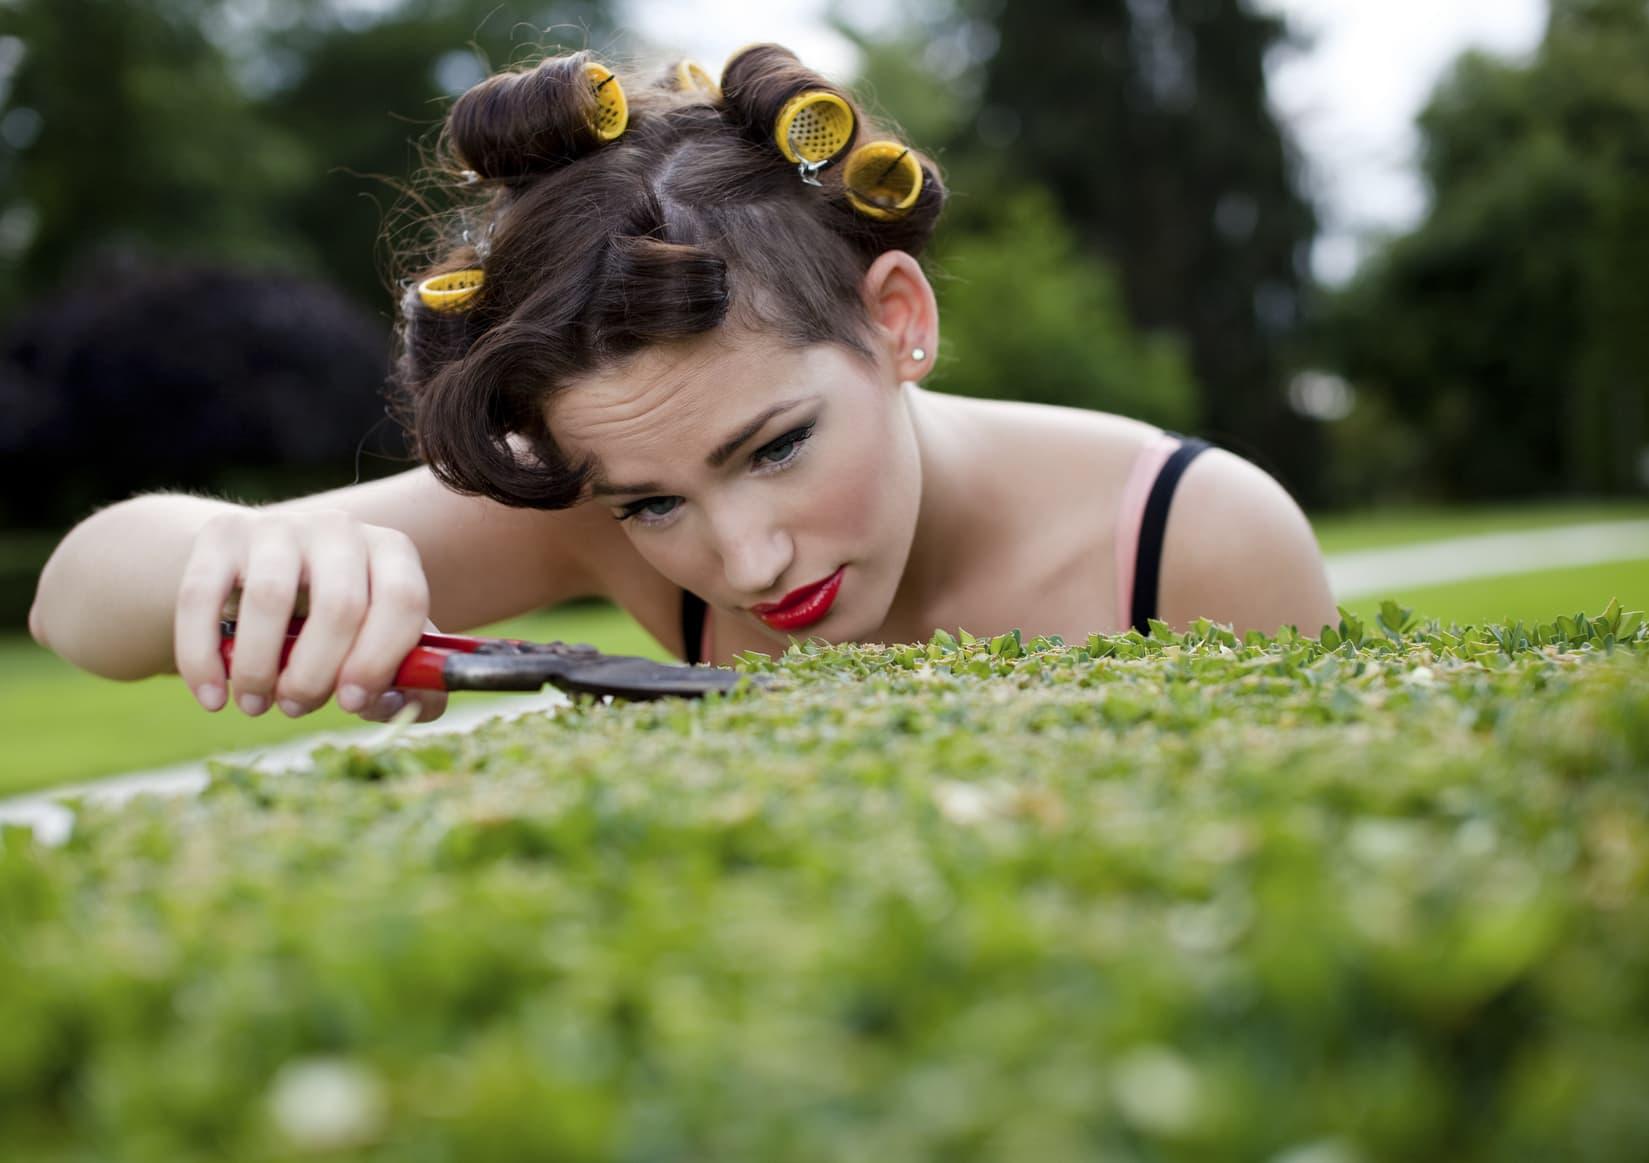 Тест на перфекционизм: Насколько сильно вы стремитесь к совершенству?